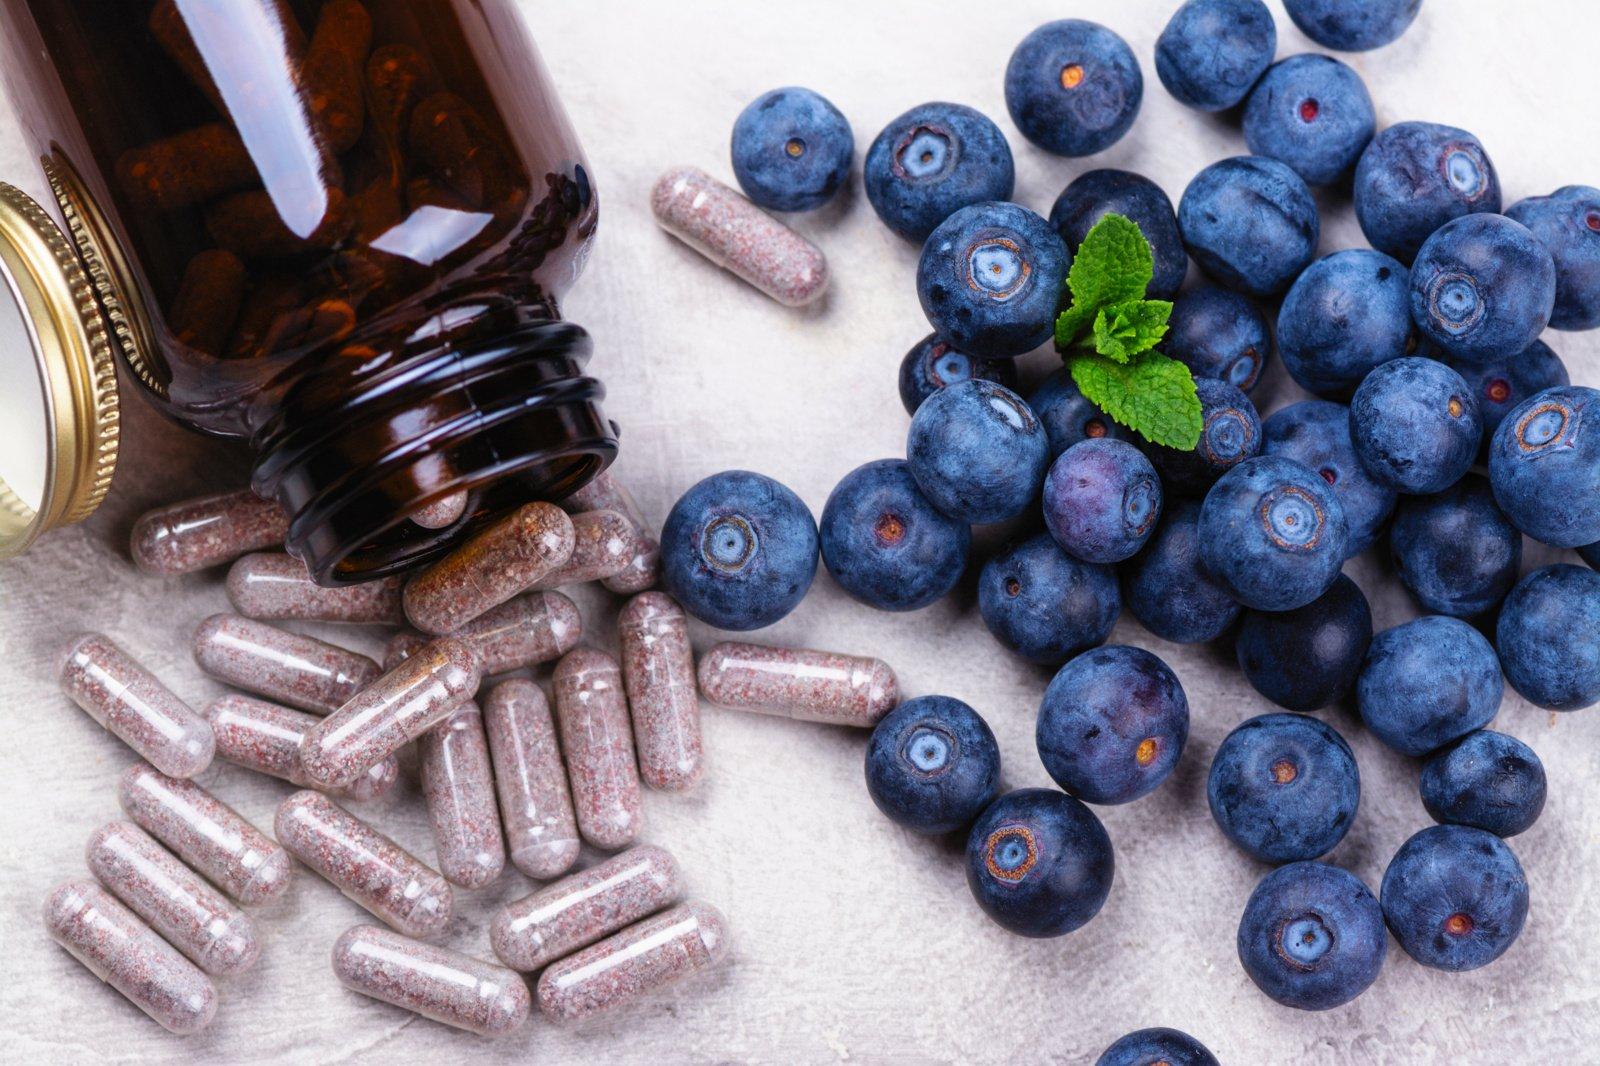 6 įspėjamieji ženklai, kad jūsų organizmui trūksta vitaminų arba mineralų